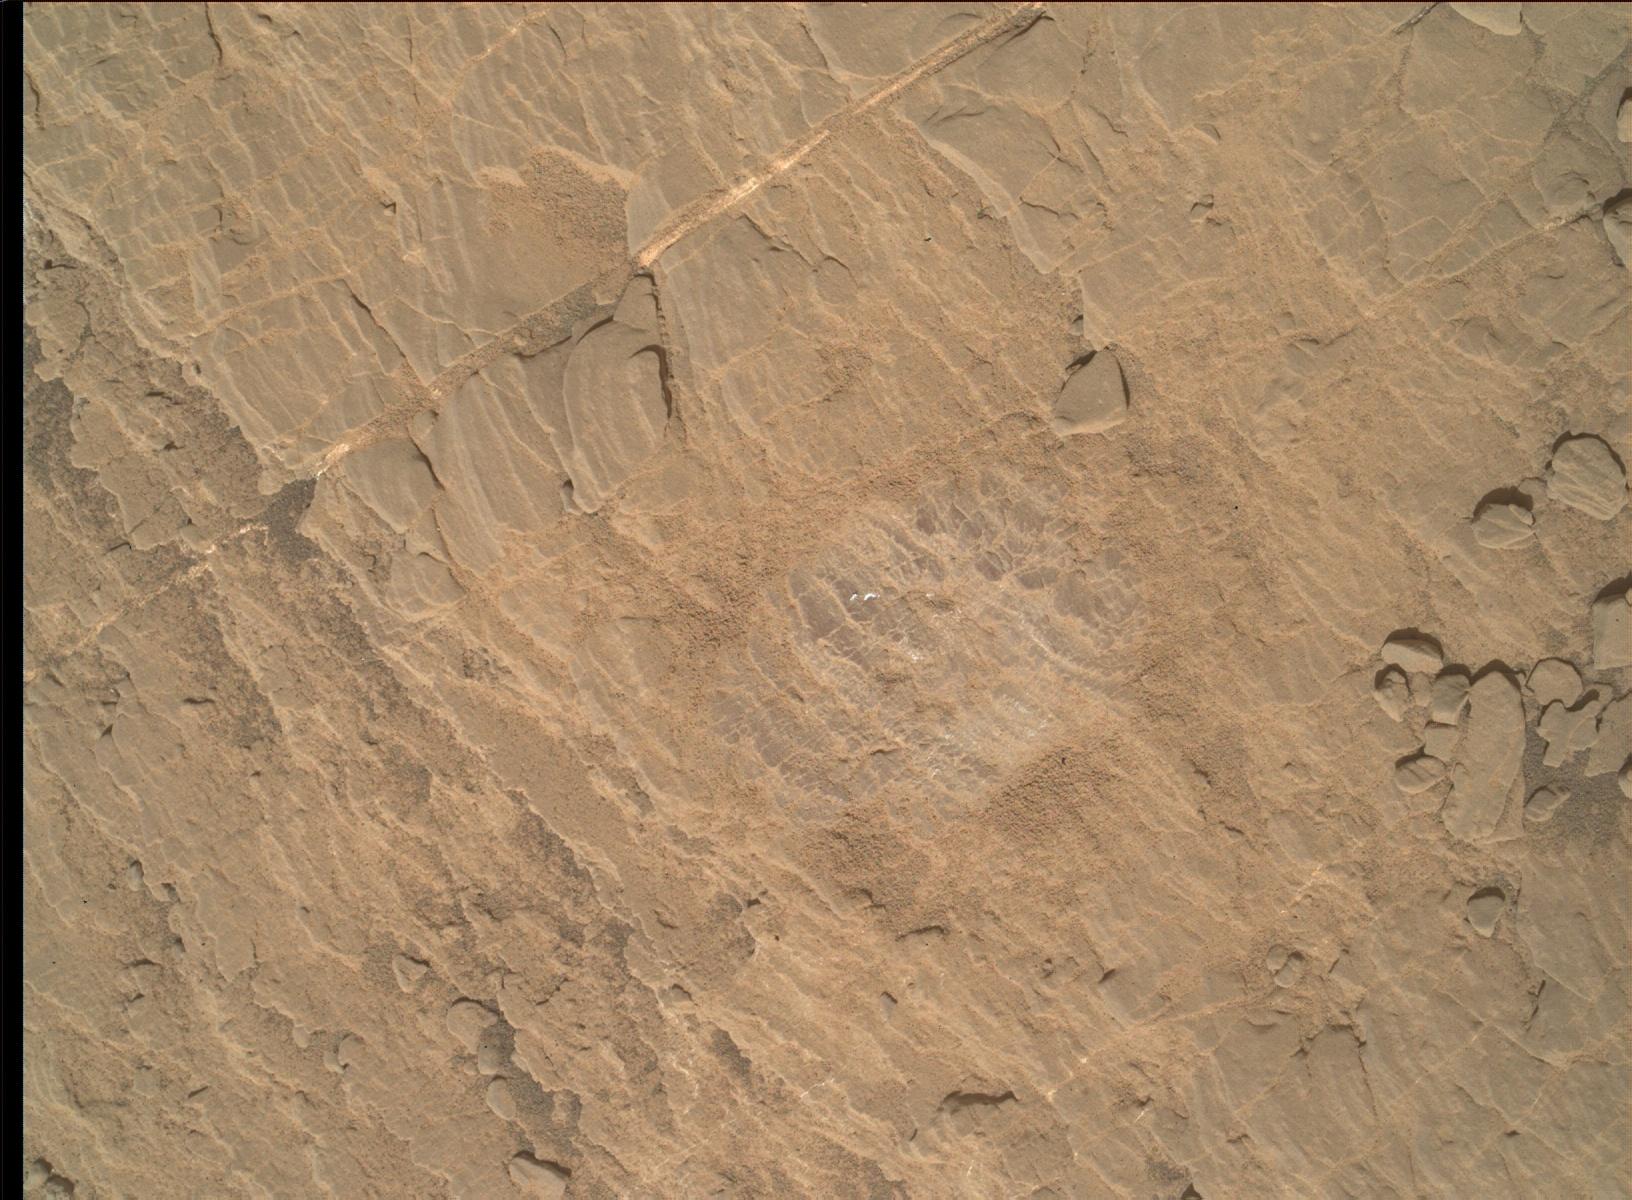 Sols 2525-2528: Go for Drilling at Glen Etive 2!